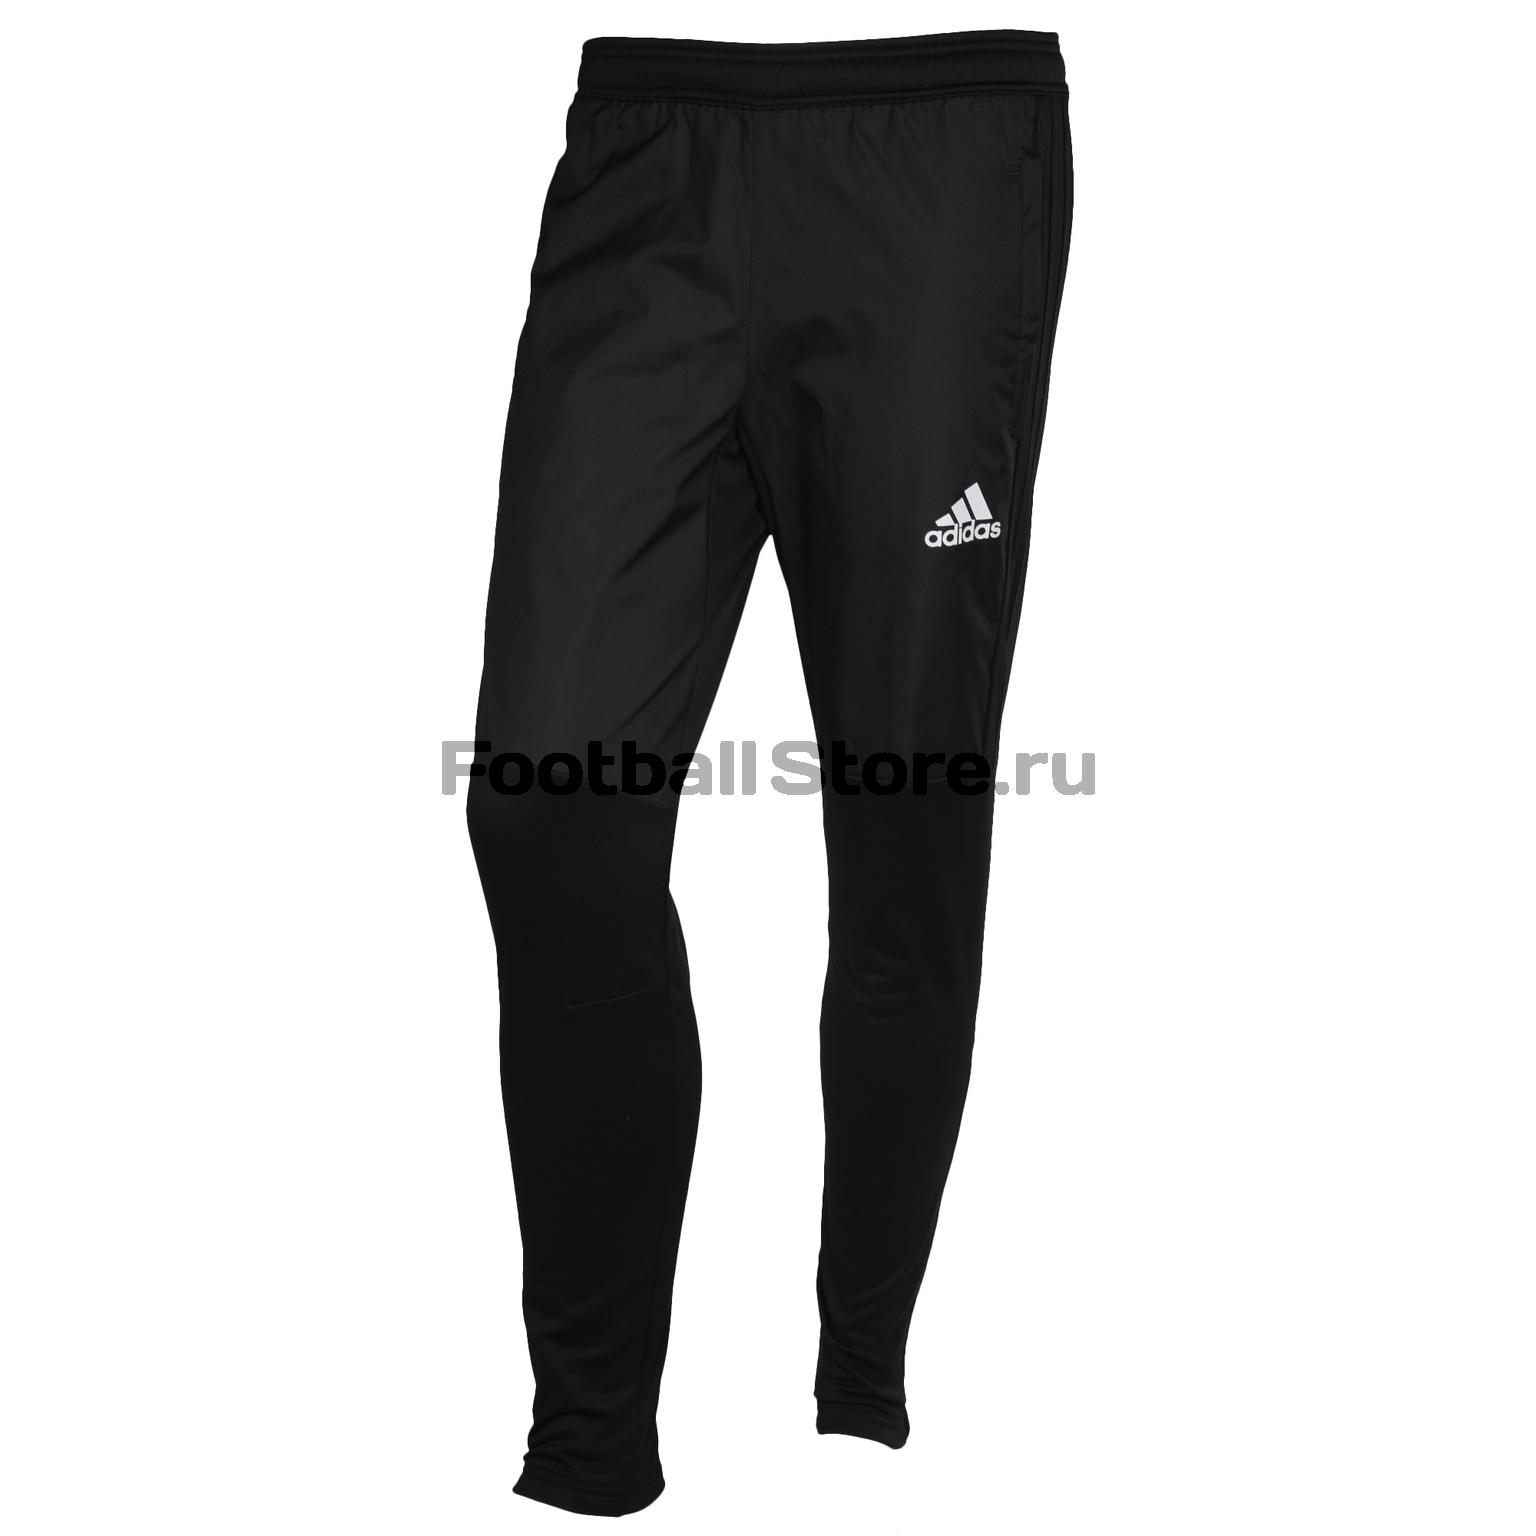 Брюки тренировочные Adidas Tiro17 Warm PNT AY2983 брюки adidas брюки тренировочные adidas tiro17 wov pnt bq2793